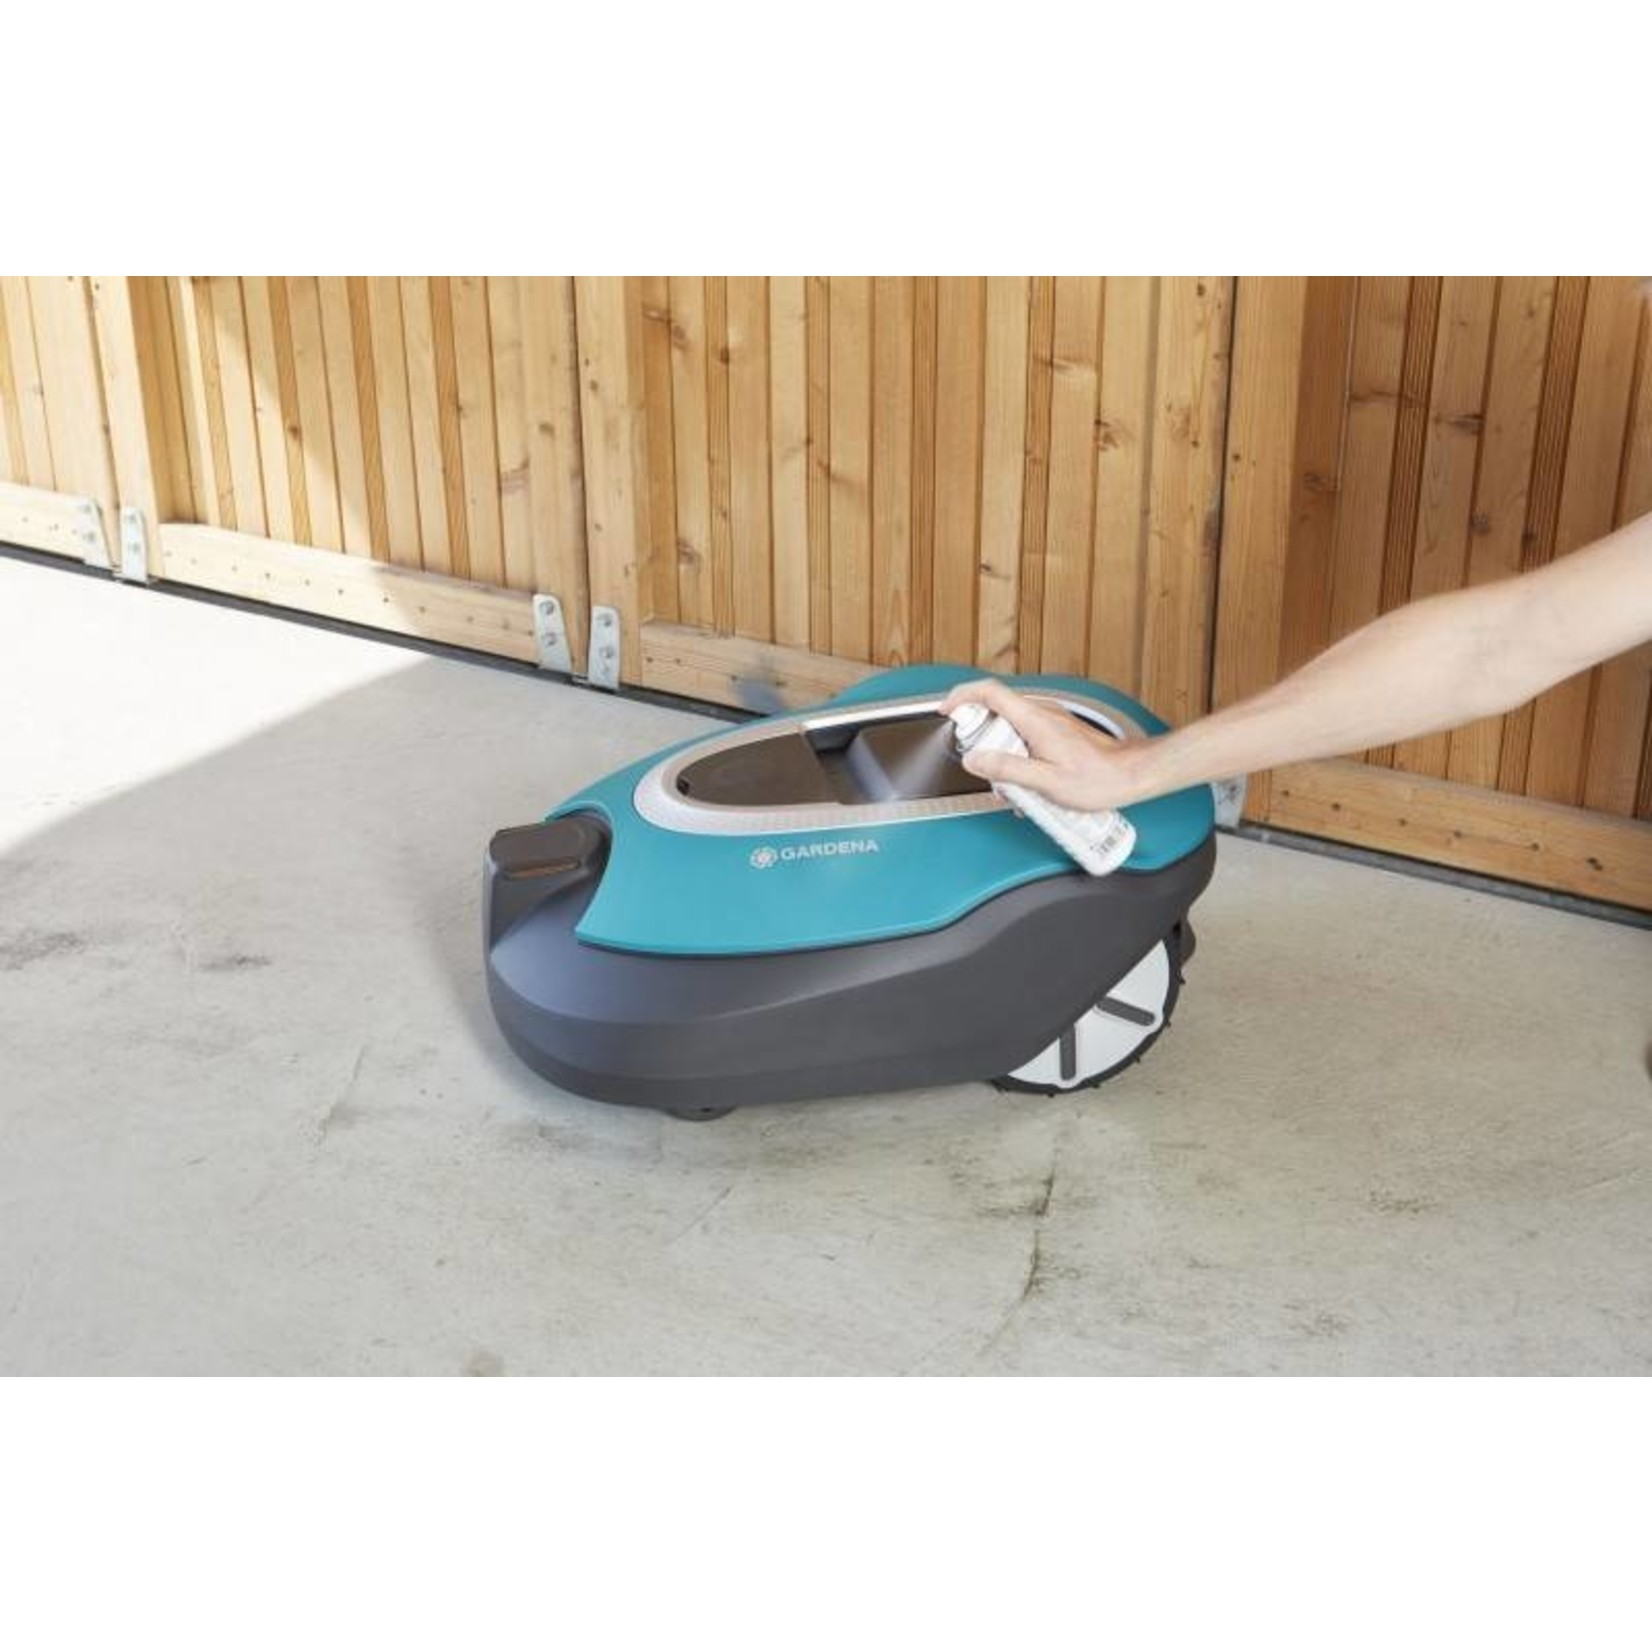 Gardena Gardena Onderhoud & reinigingsset robotmaaier